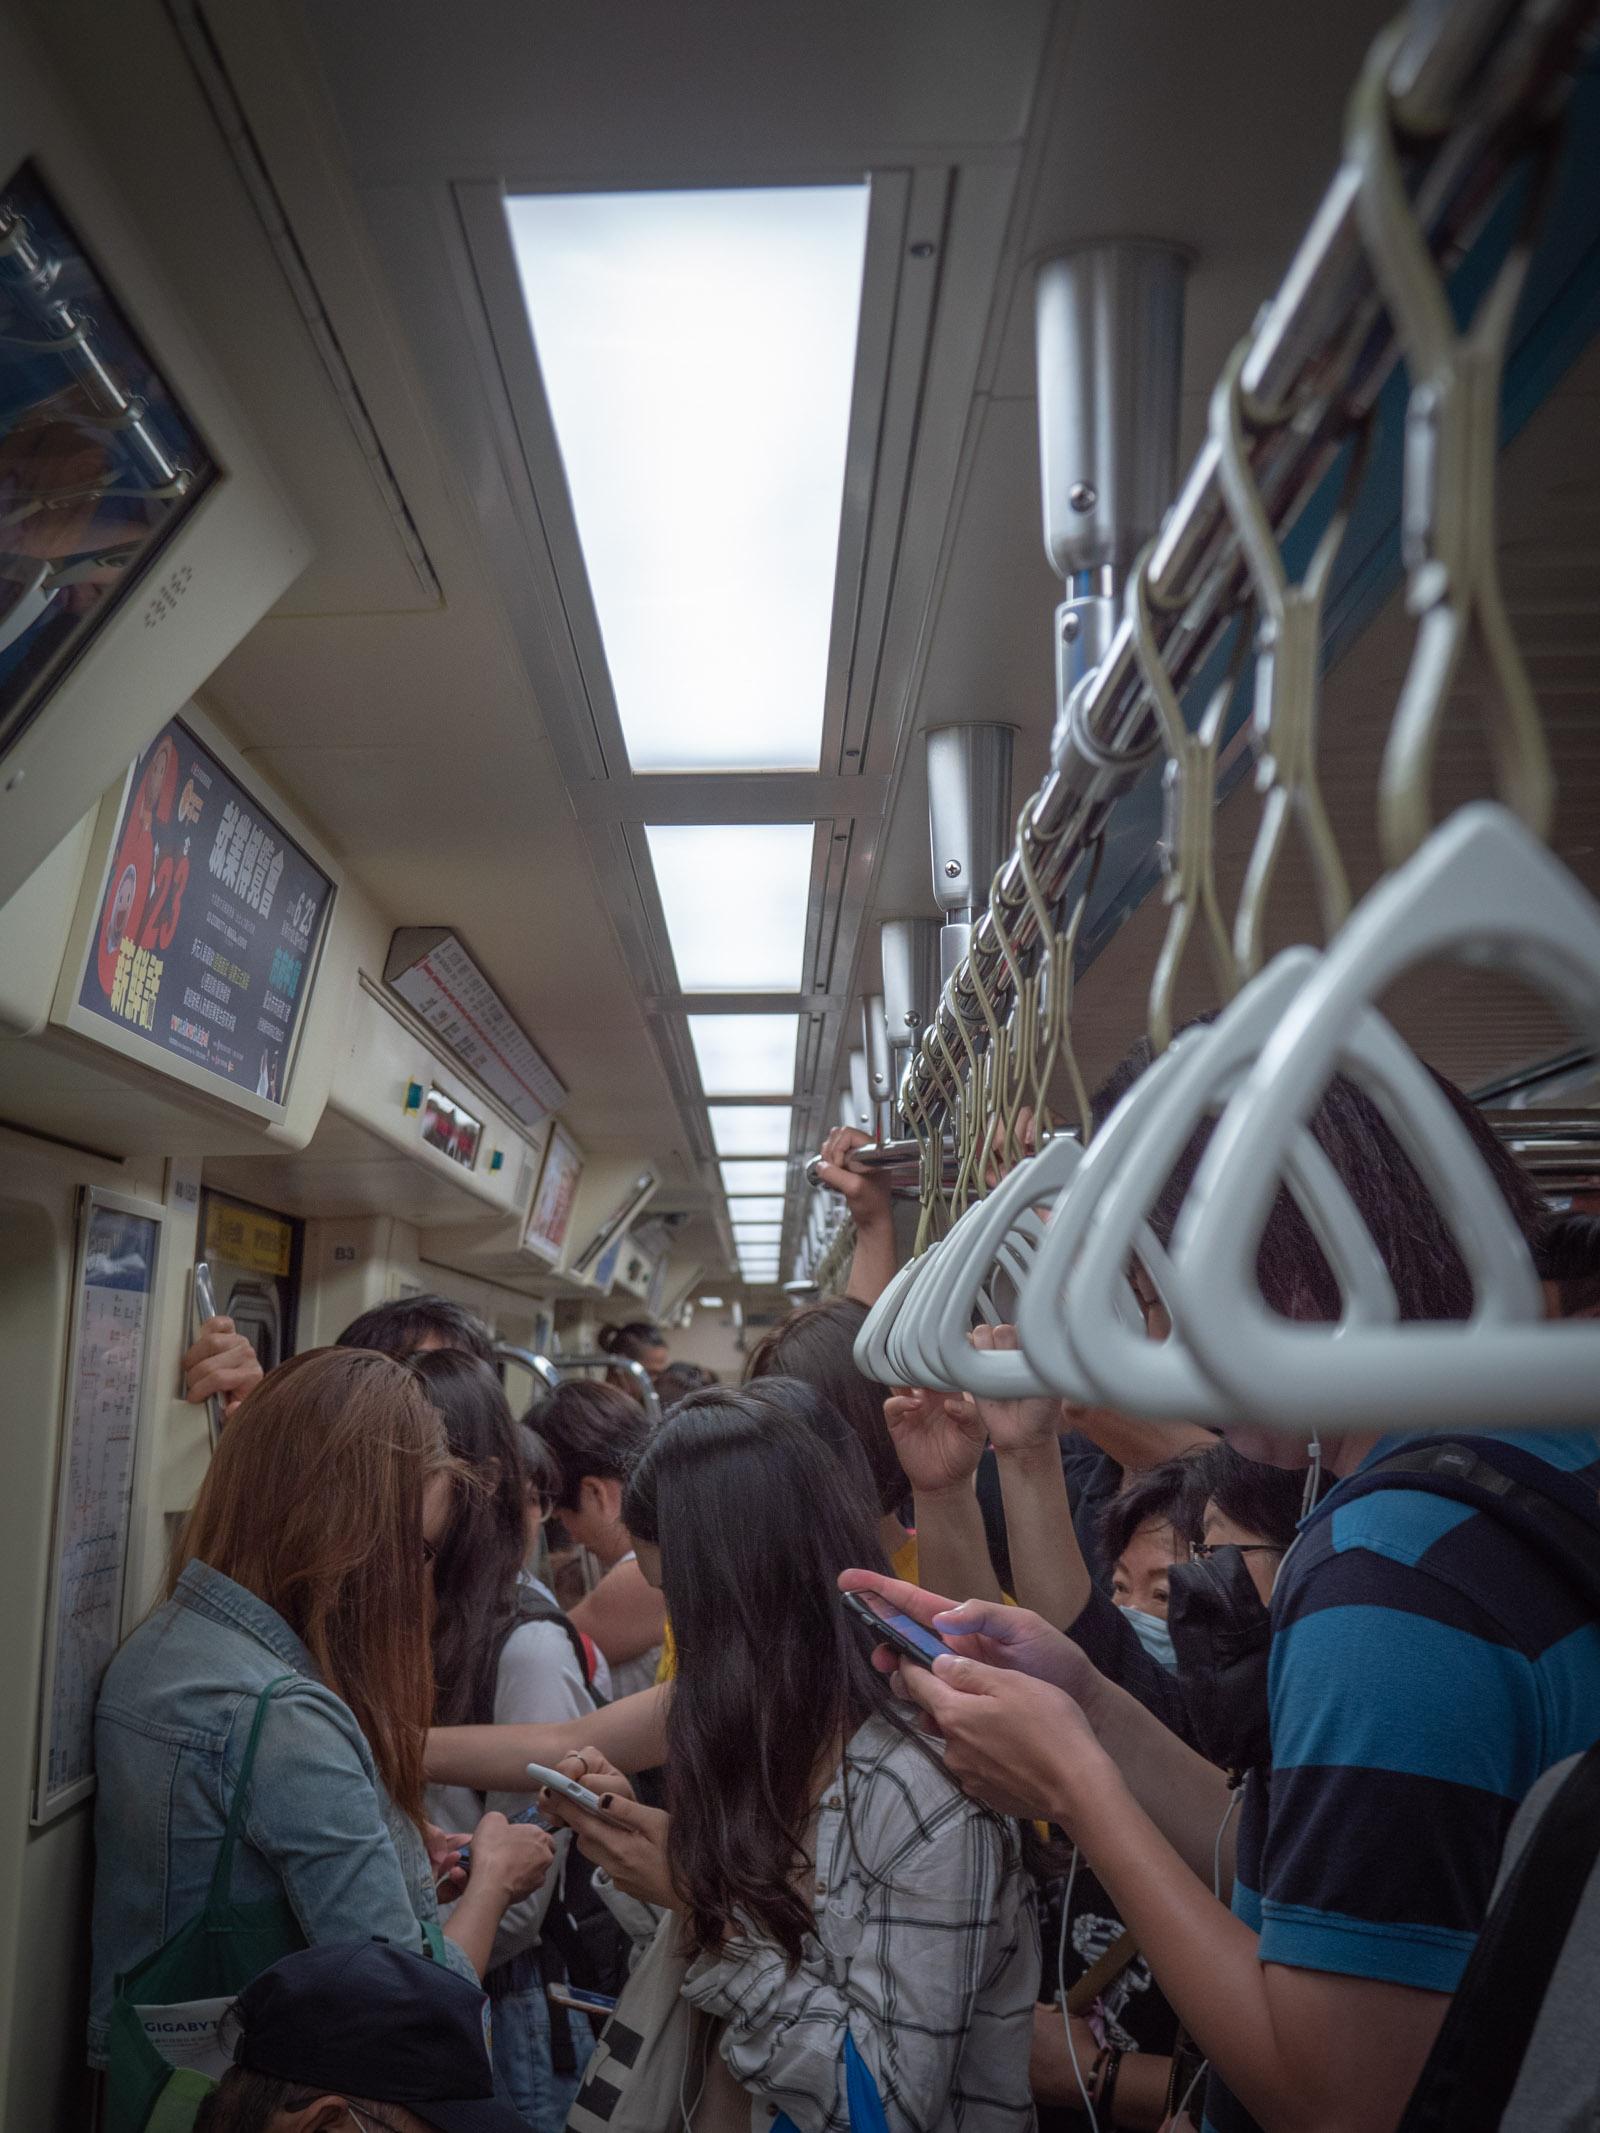 台北MRT 淡水信義線 ほぼ満員の車内